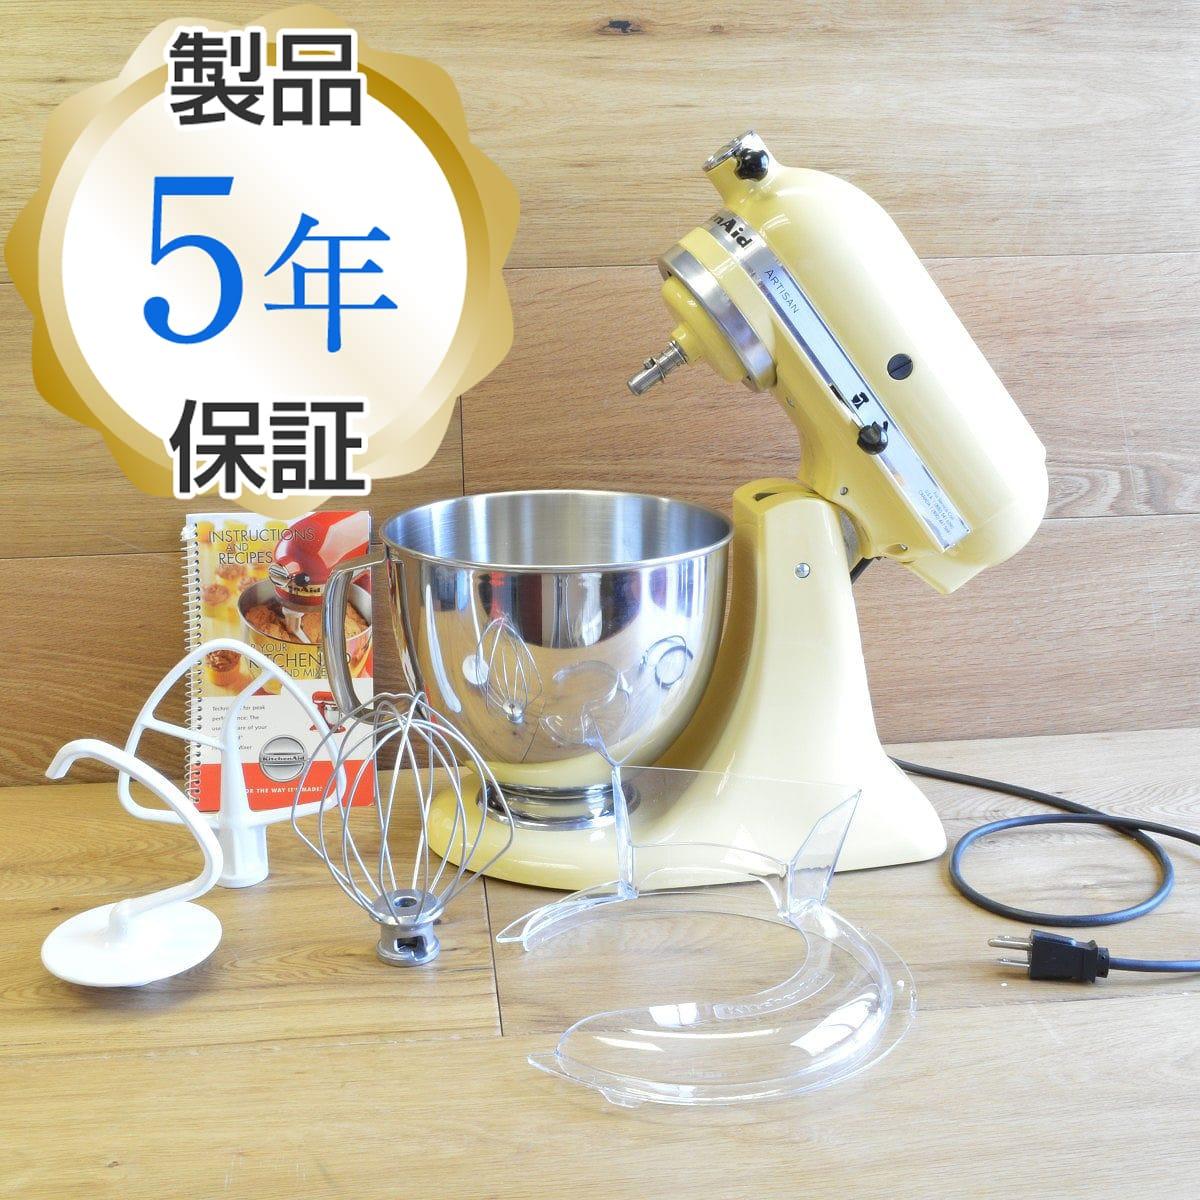 キッチンエイド スタンドミキサー アルチザン 4.8L マジェスティックイエロー KitchenAid Artisan 5-Quart Stand Mixers KSM150PSMY 【日本語説明書付】 家電